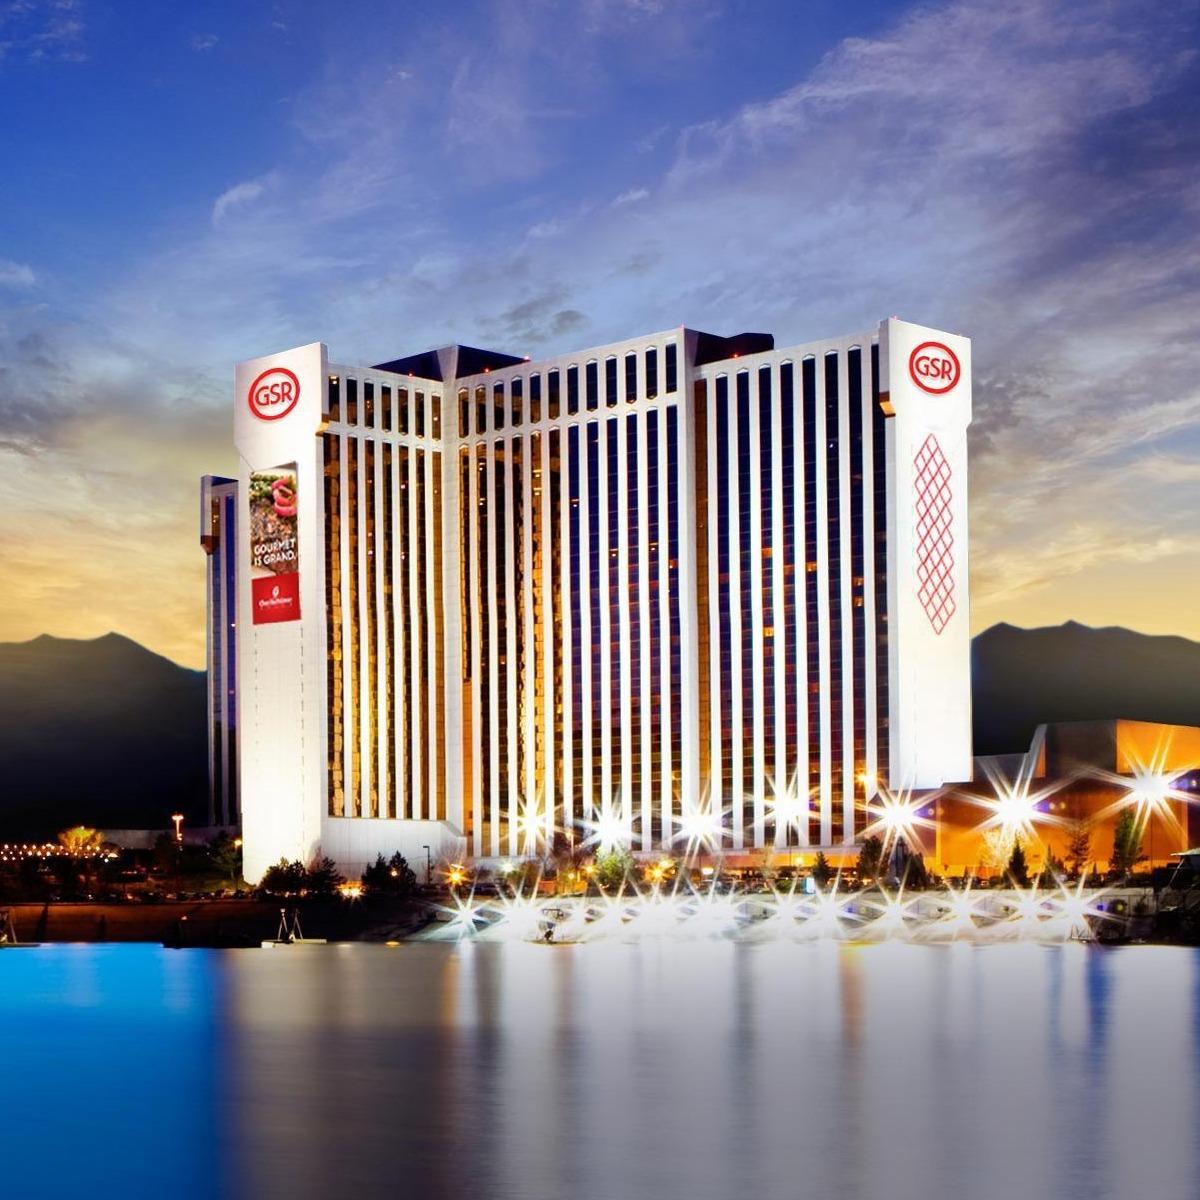 Attendant 10 5 H Grand Sierra Resort And Casino Reno Nevada